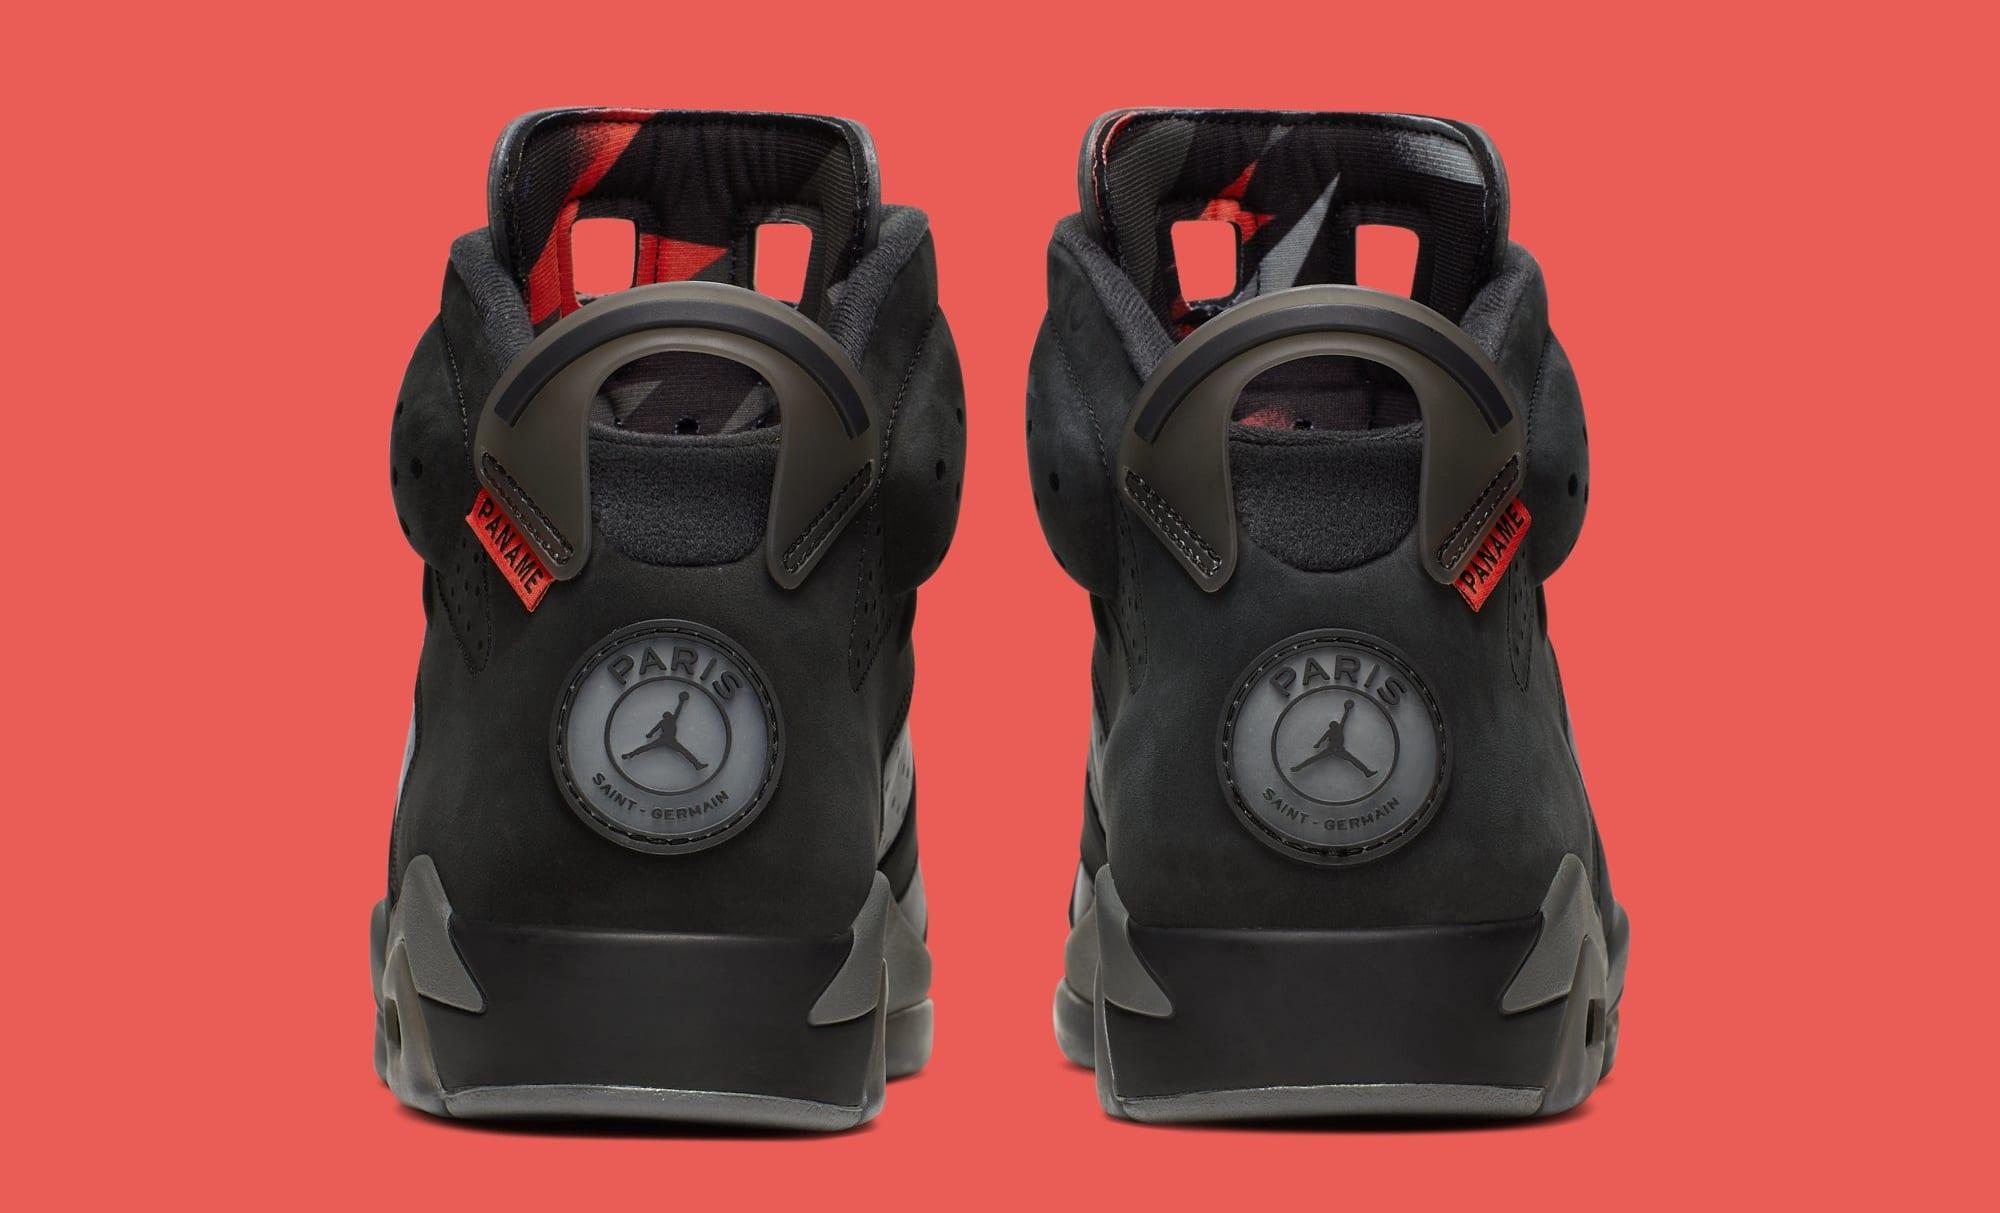 PSG x Air Jordan 6 CK1229-001 (Salto)